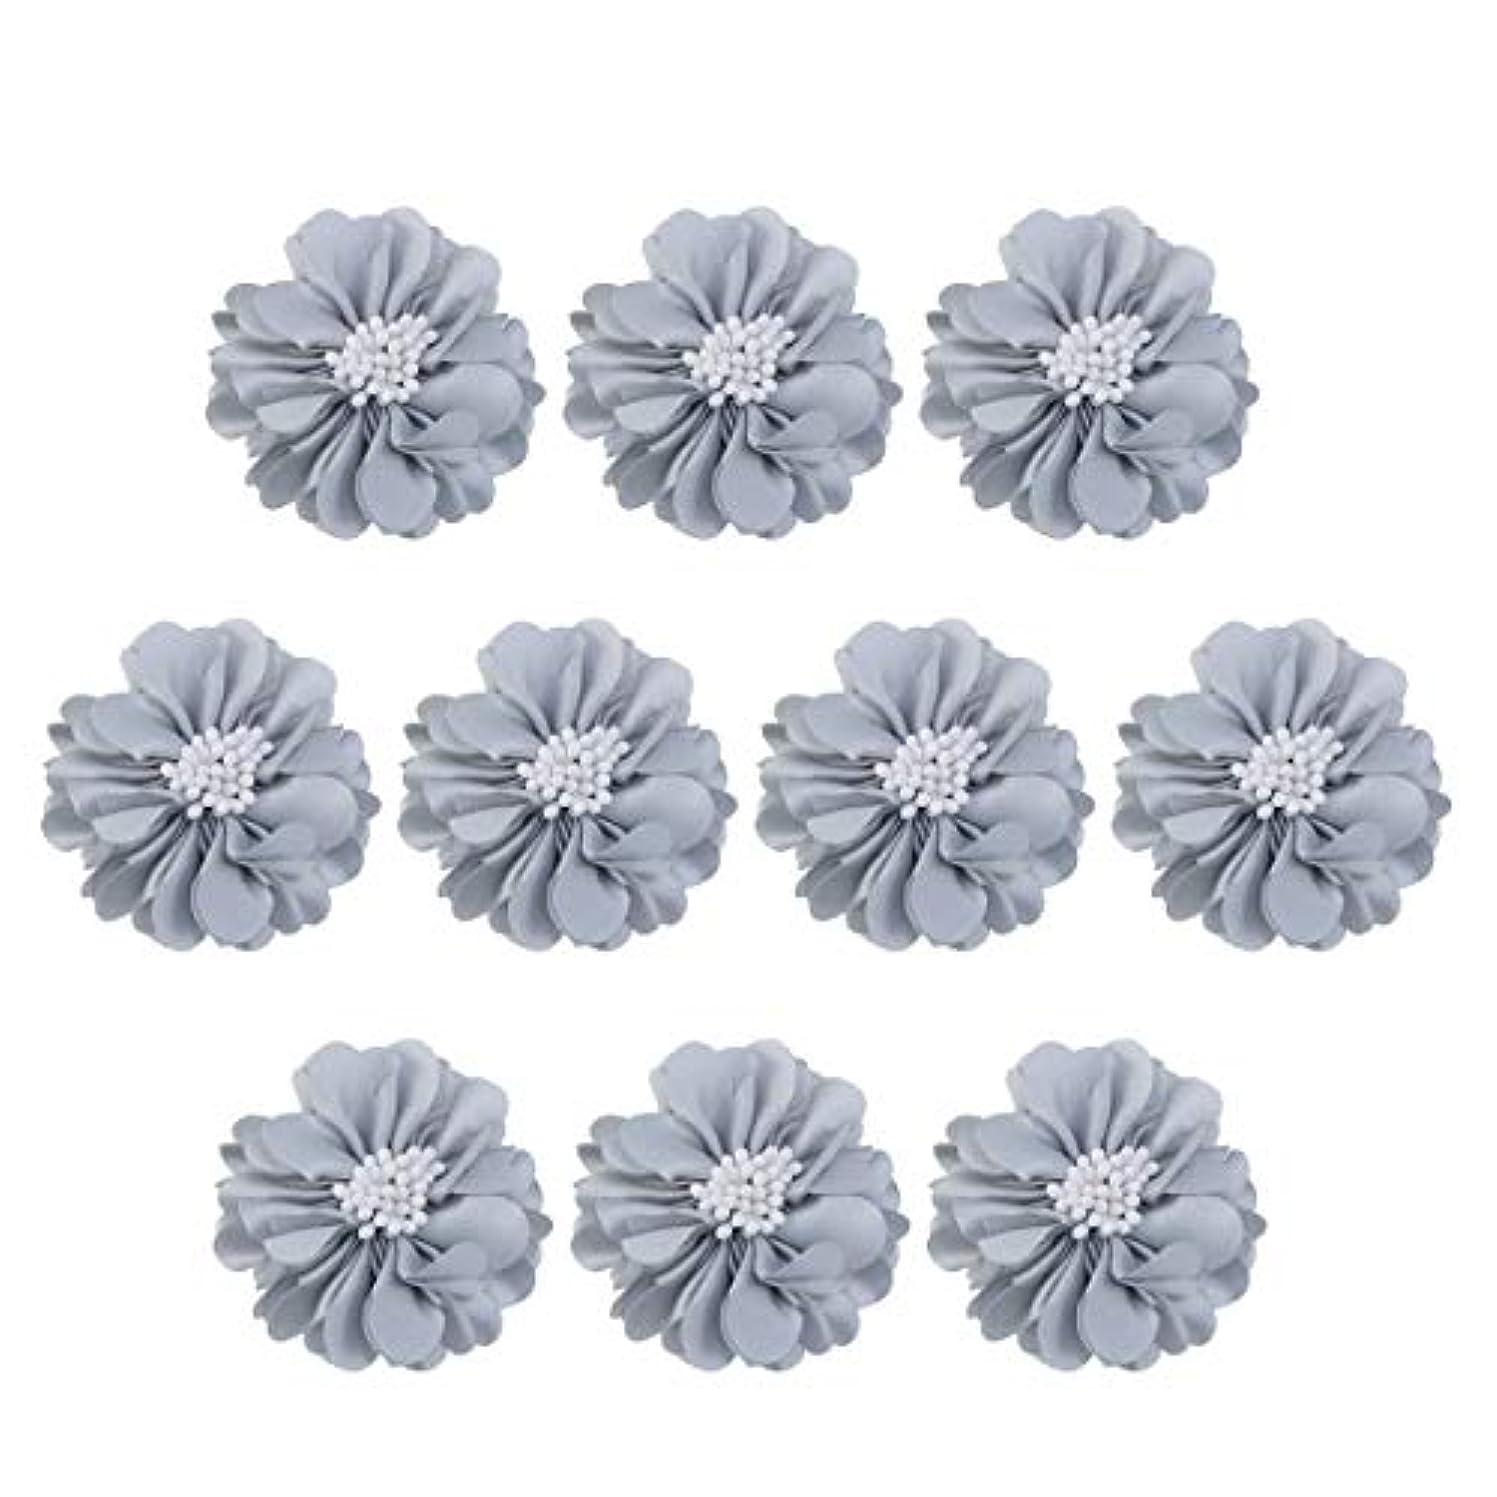 神土曜日バンガローVosarea 10個装飾シフォン花平底美しいDIY手作りぼろぼろの花のヘアクリップヘアアクセサリー(ブルー)